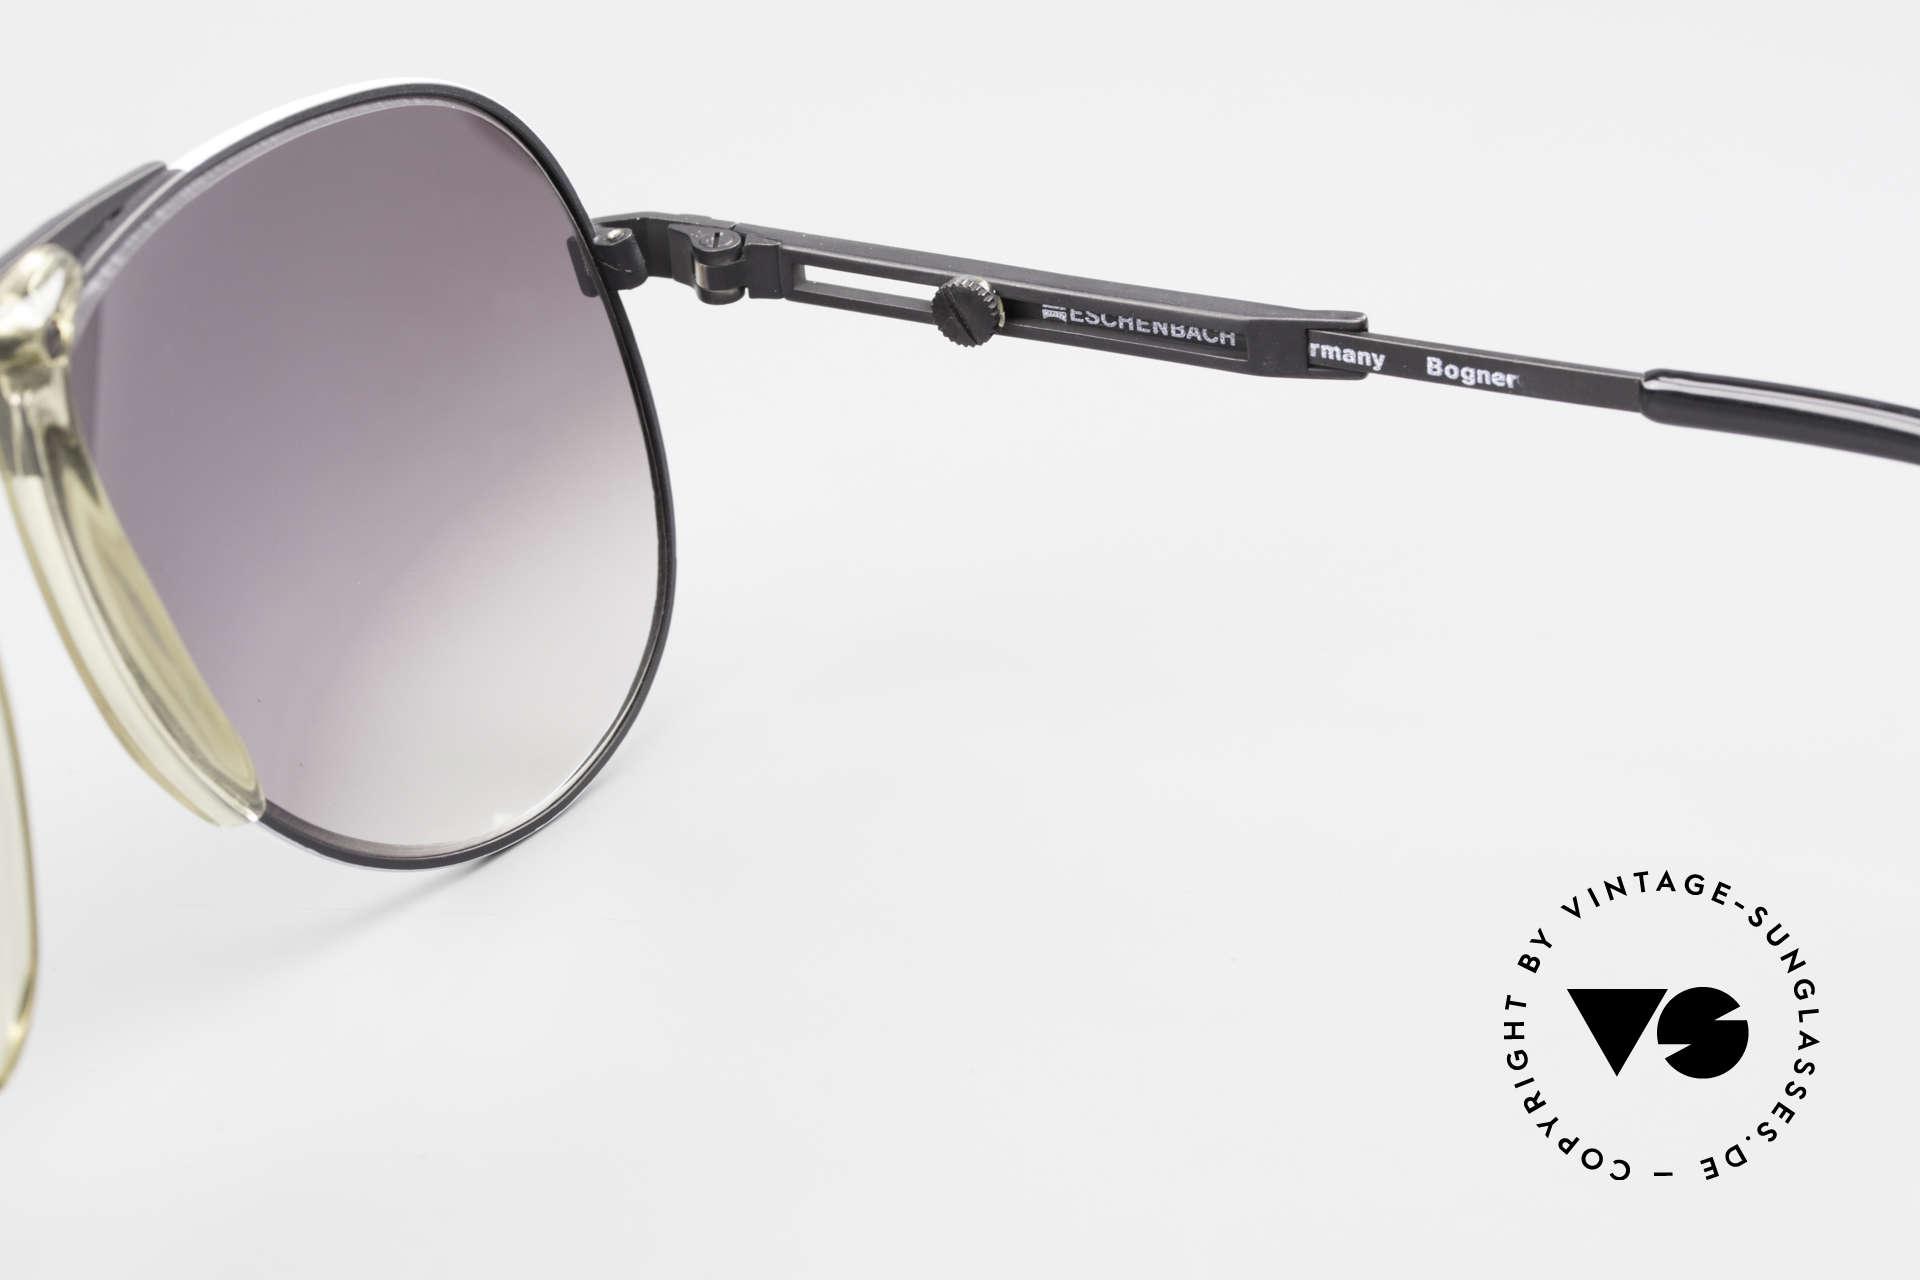 Willy Bogner 7011 Men 80's Sunglasses Adjustable, Size: large, Made for Men